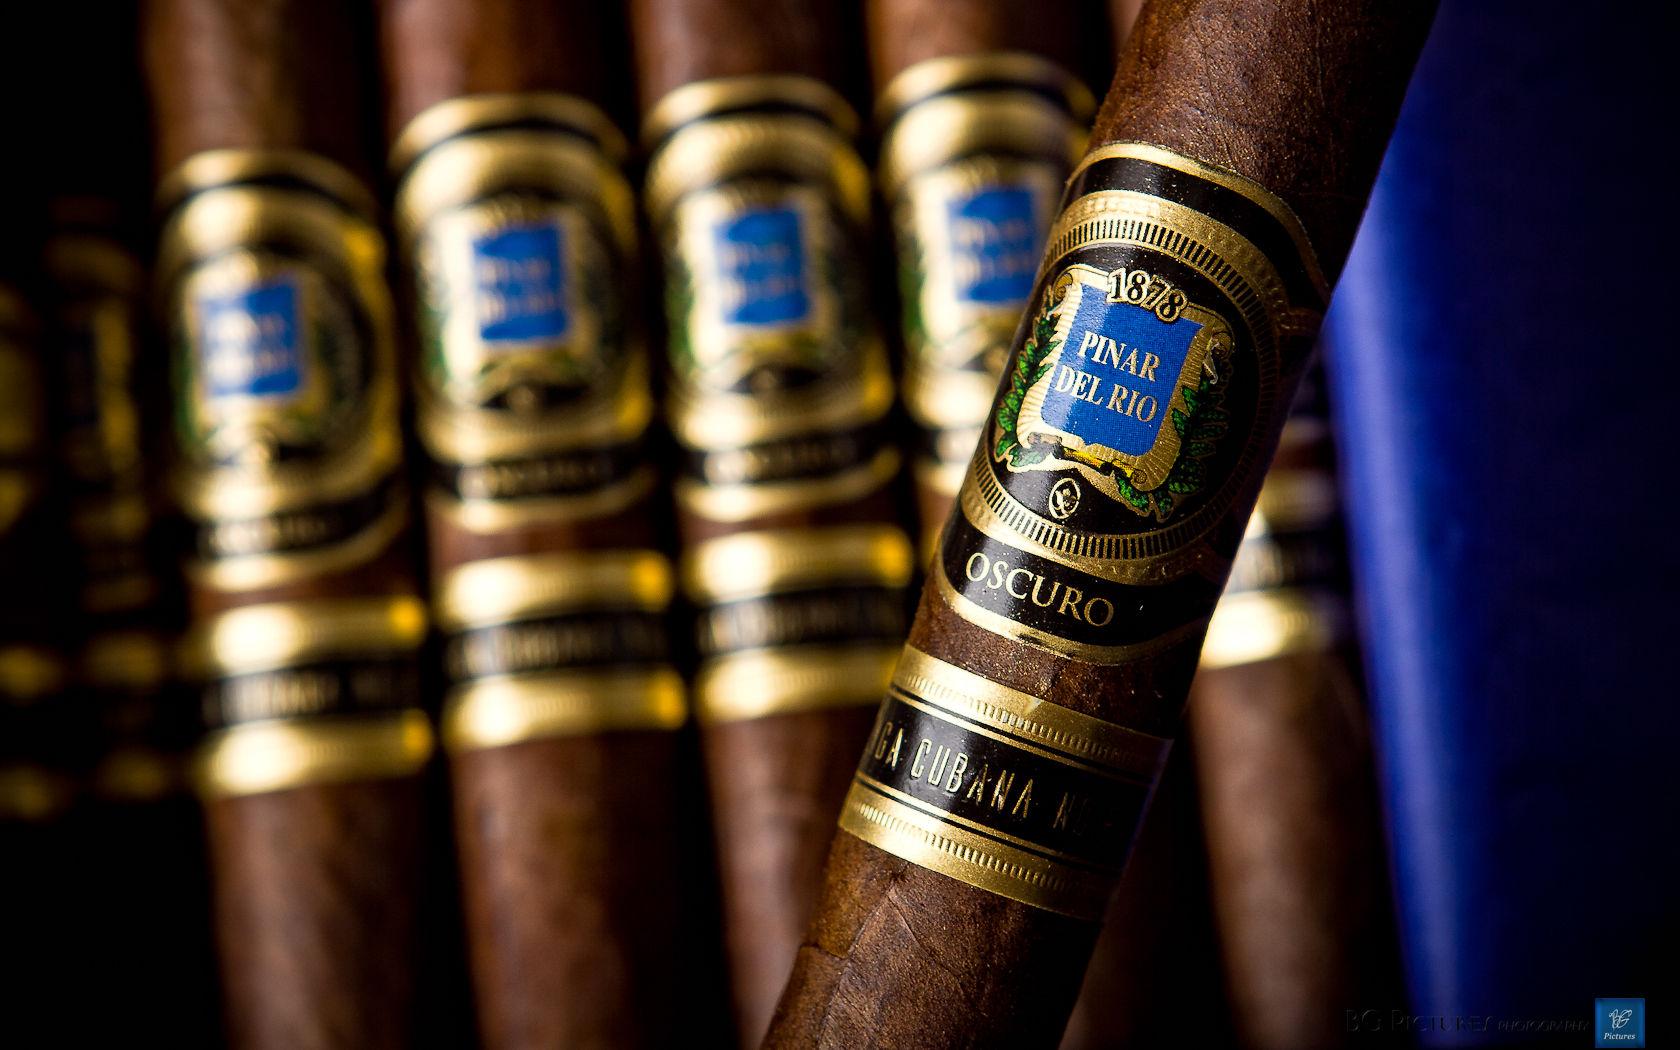 Cigar Art Wallpaper 5 1680x1050